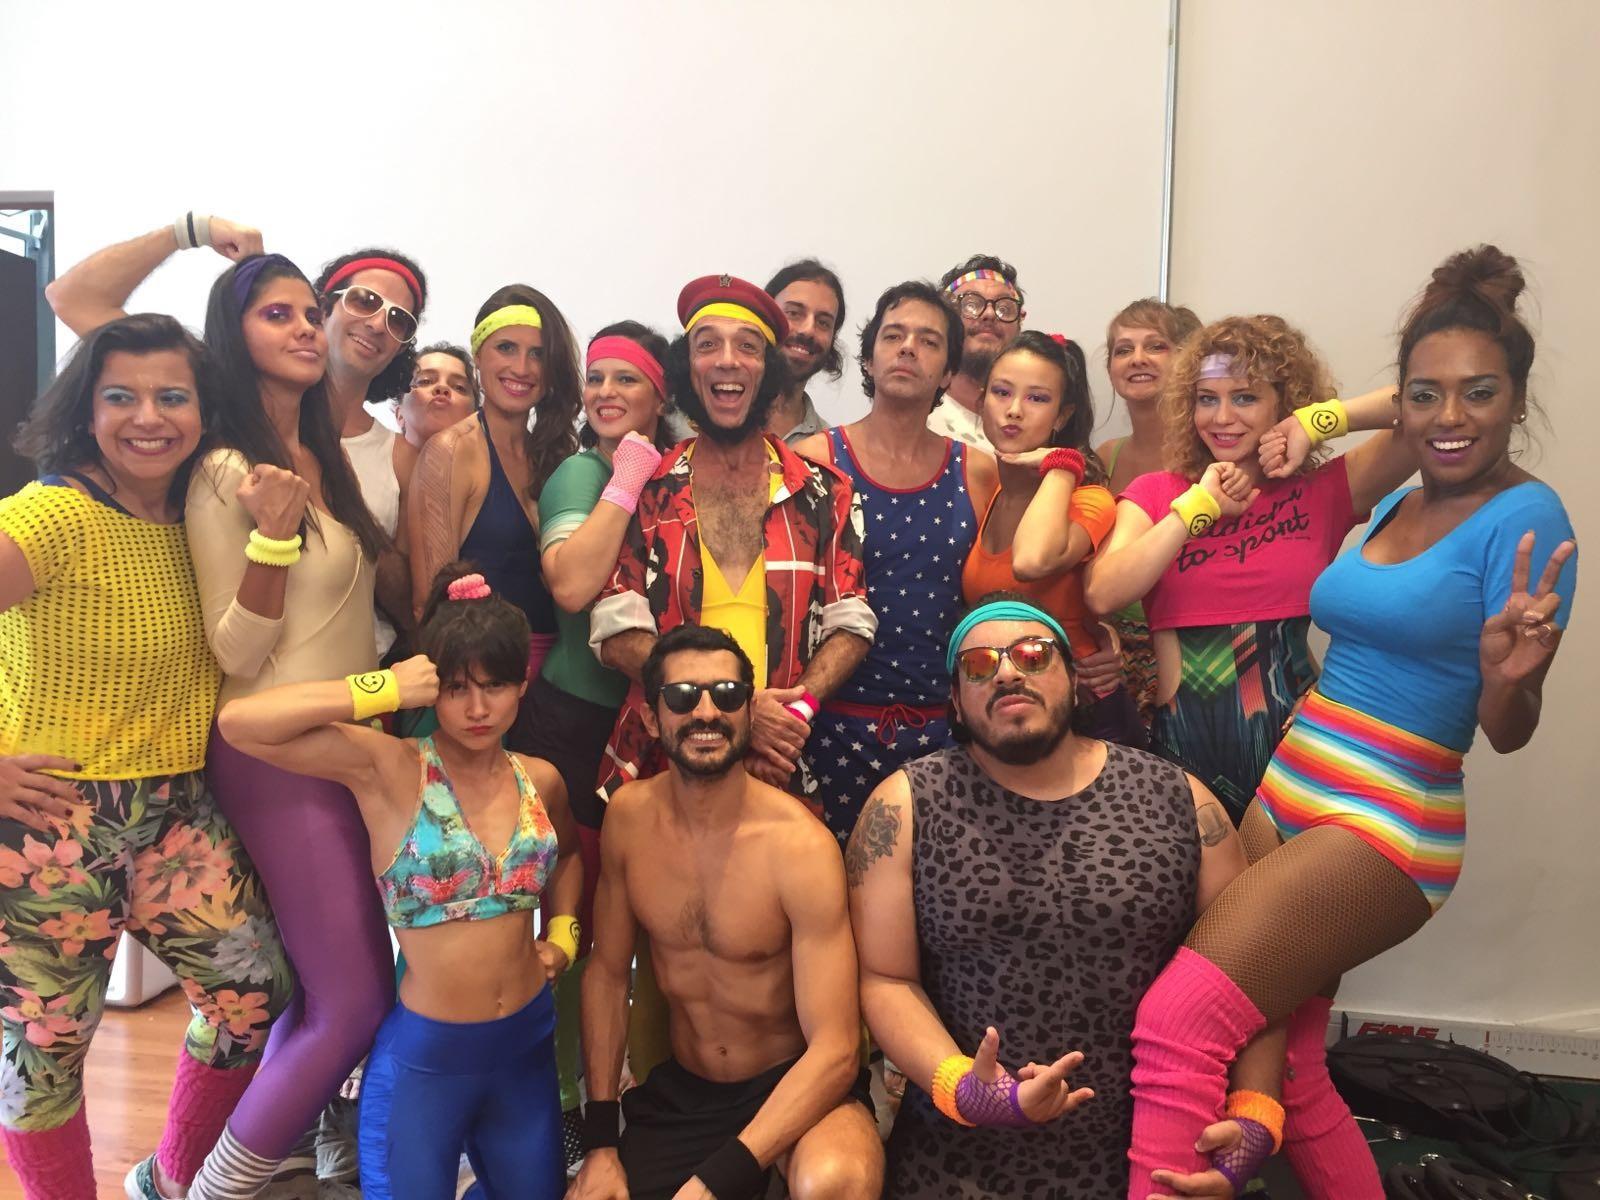 O elenco do clipe 'La malemolencia', com Luis Lobianco, Leandra Leal, Bruno Mazzeo e Bianca Comparato